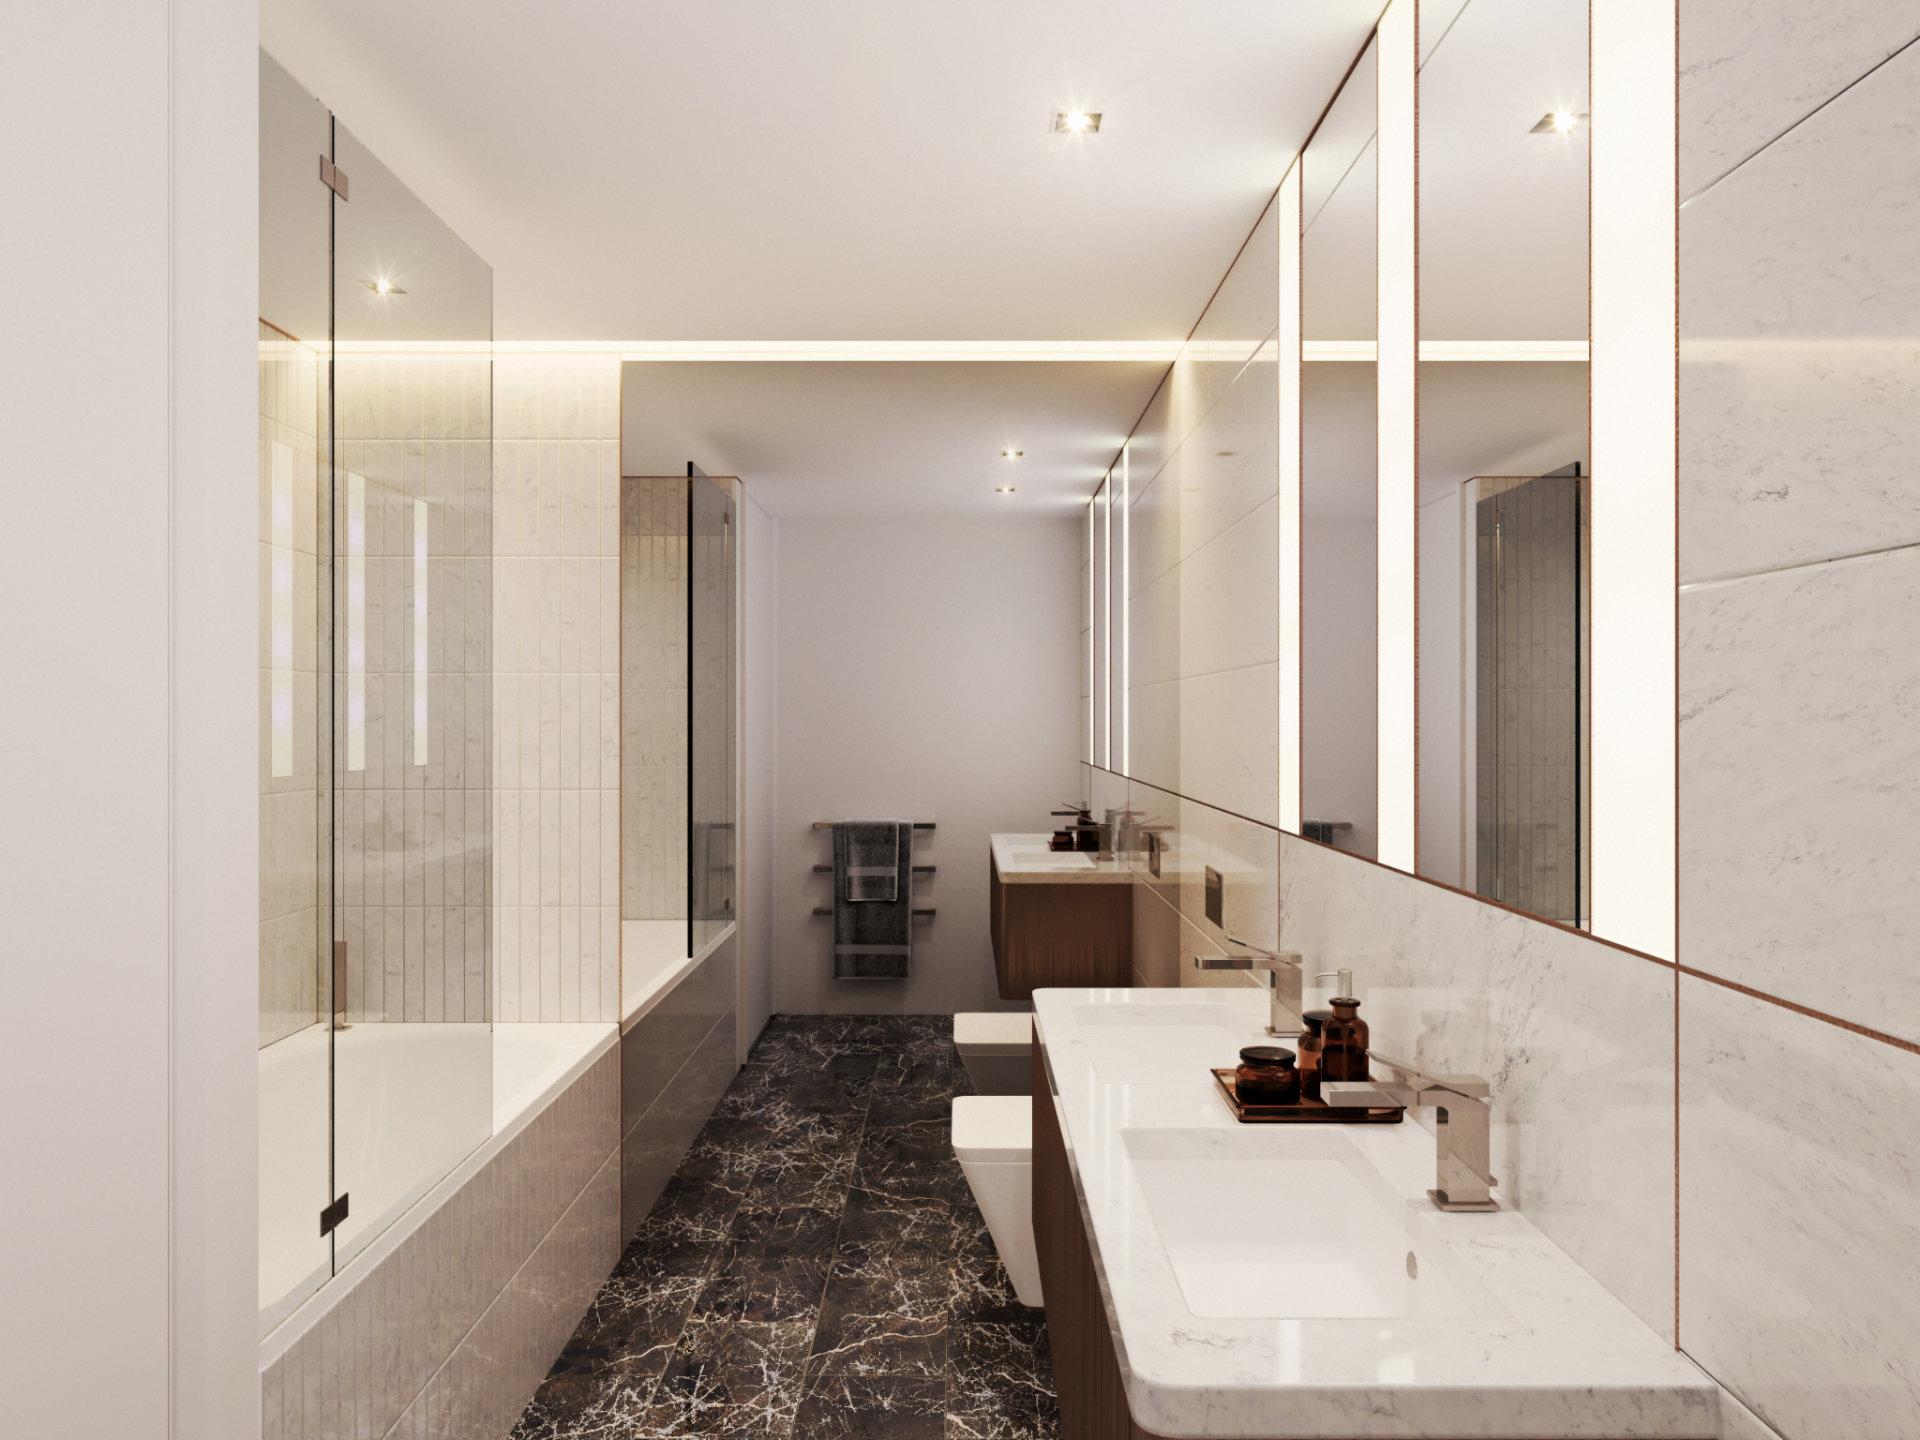 Wizualizacja 3D łazienki w inwestycji deweloperskiej w Londynie